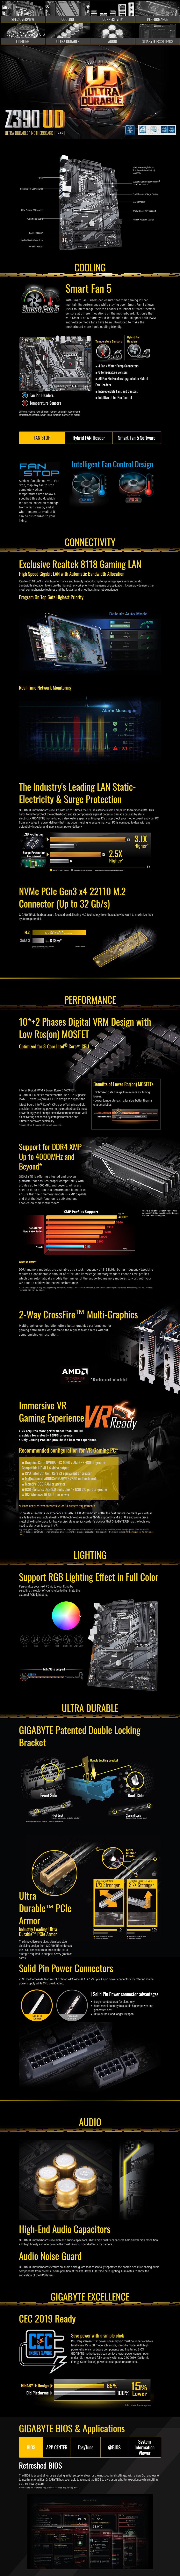 Gigabyte Z390 UD LGA 1151 ATX Motherboard - Desktop Overview 1